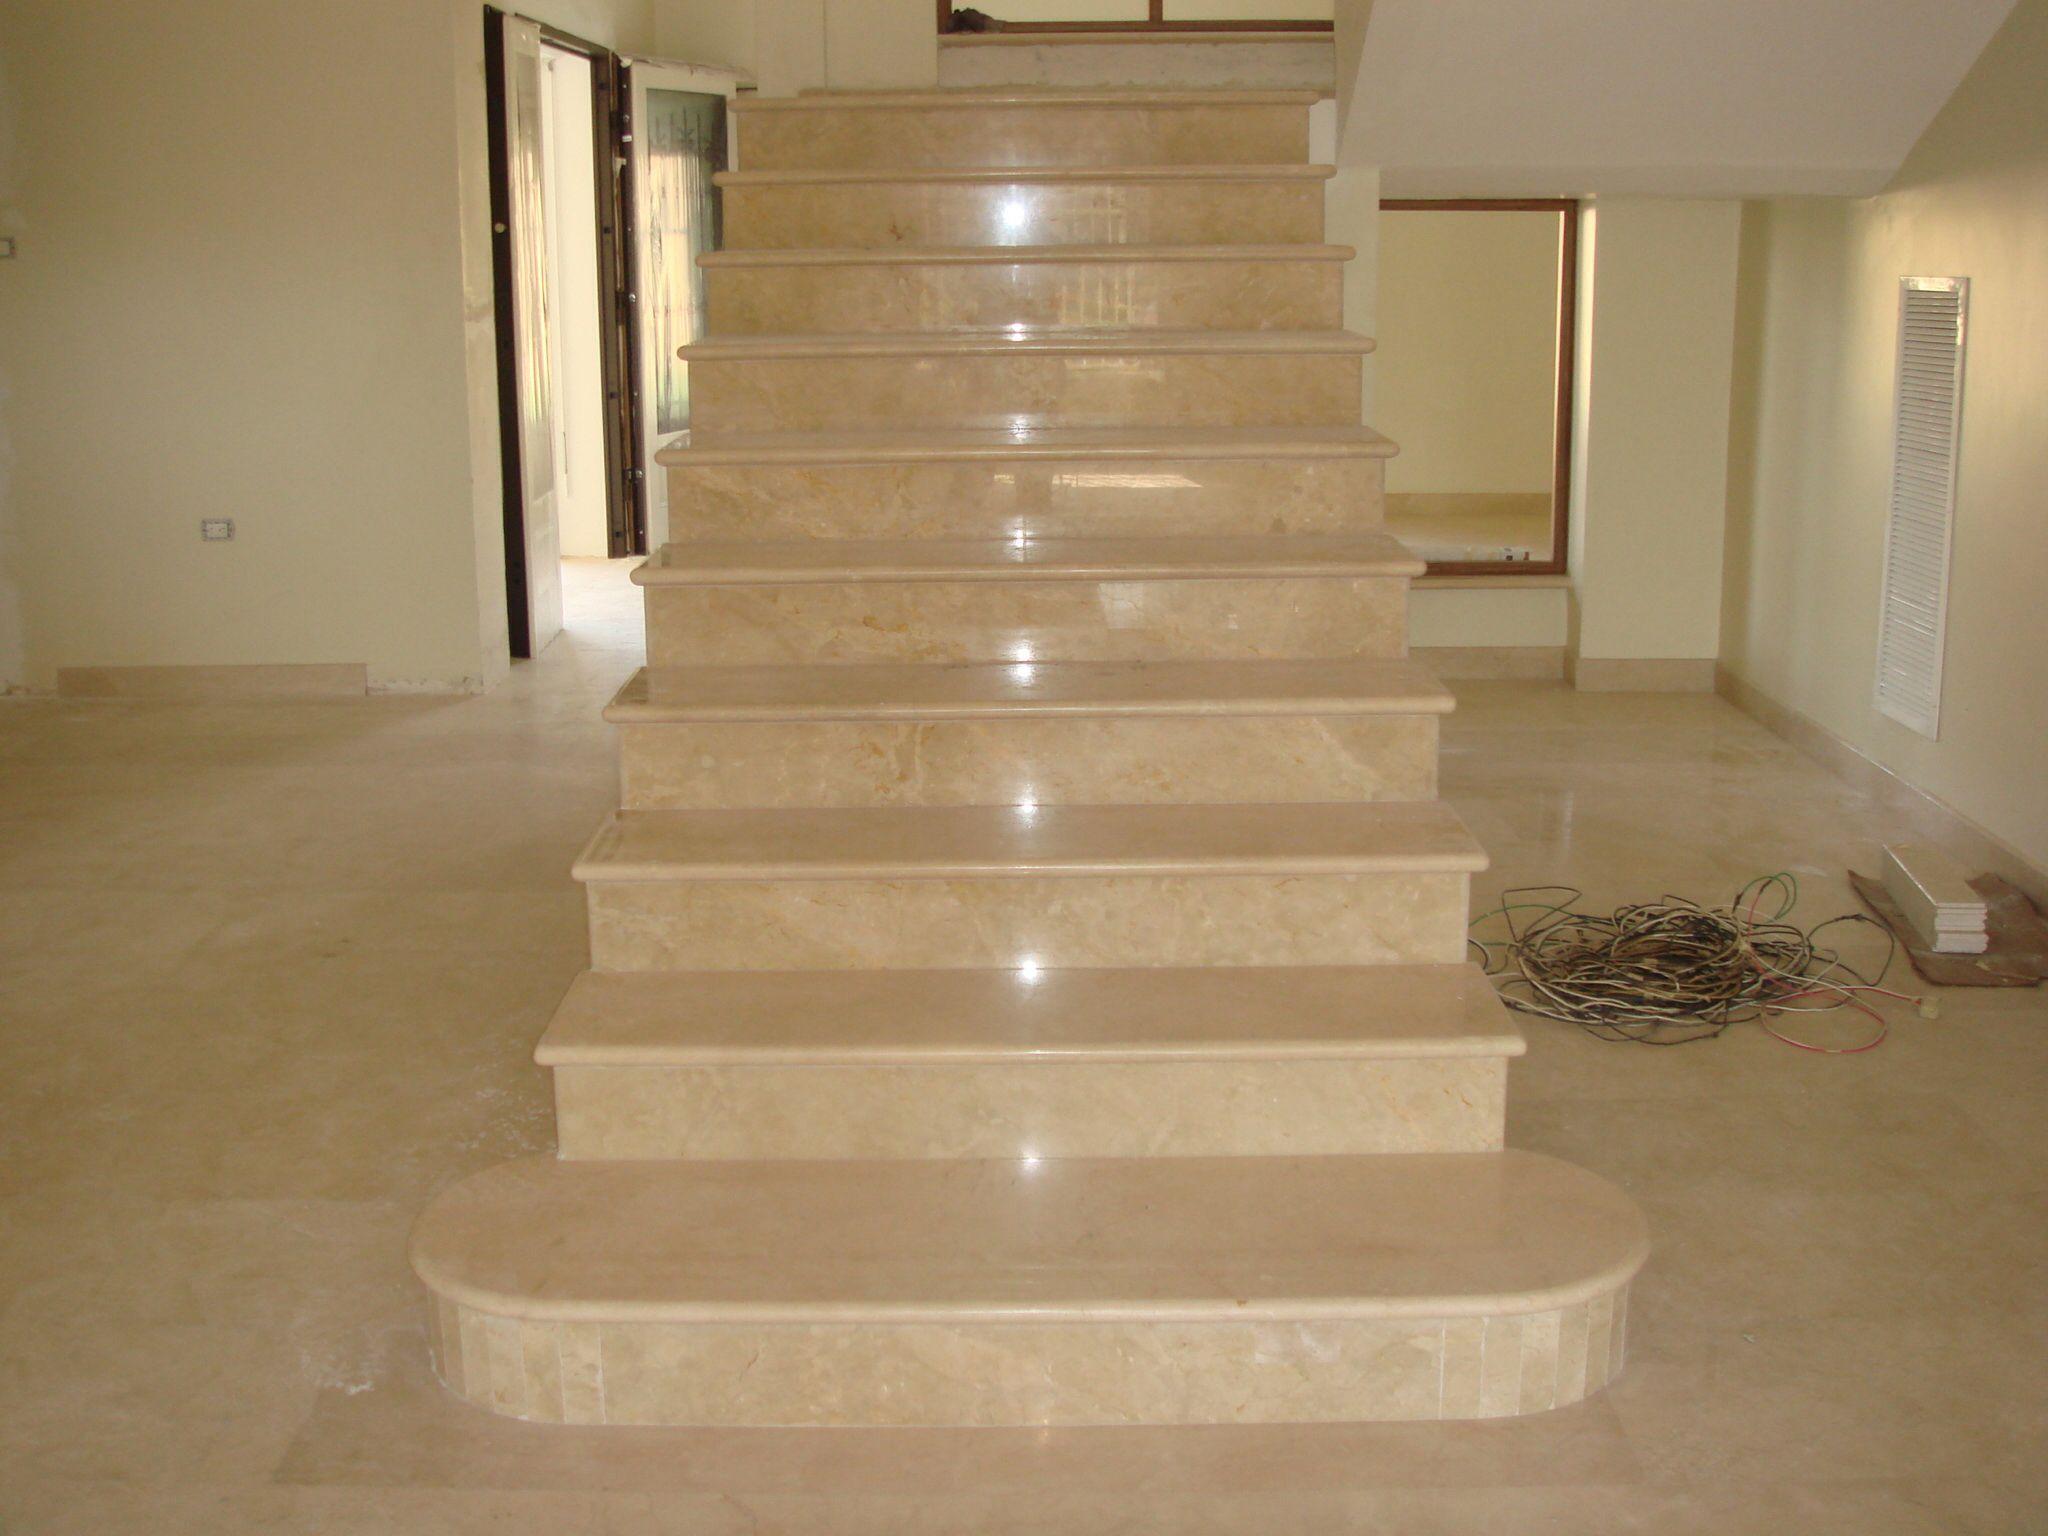 Escalera revestida en m rmol crema marfil decoraci n - Marmol para escaleras ...